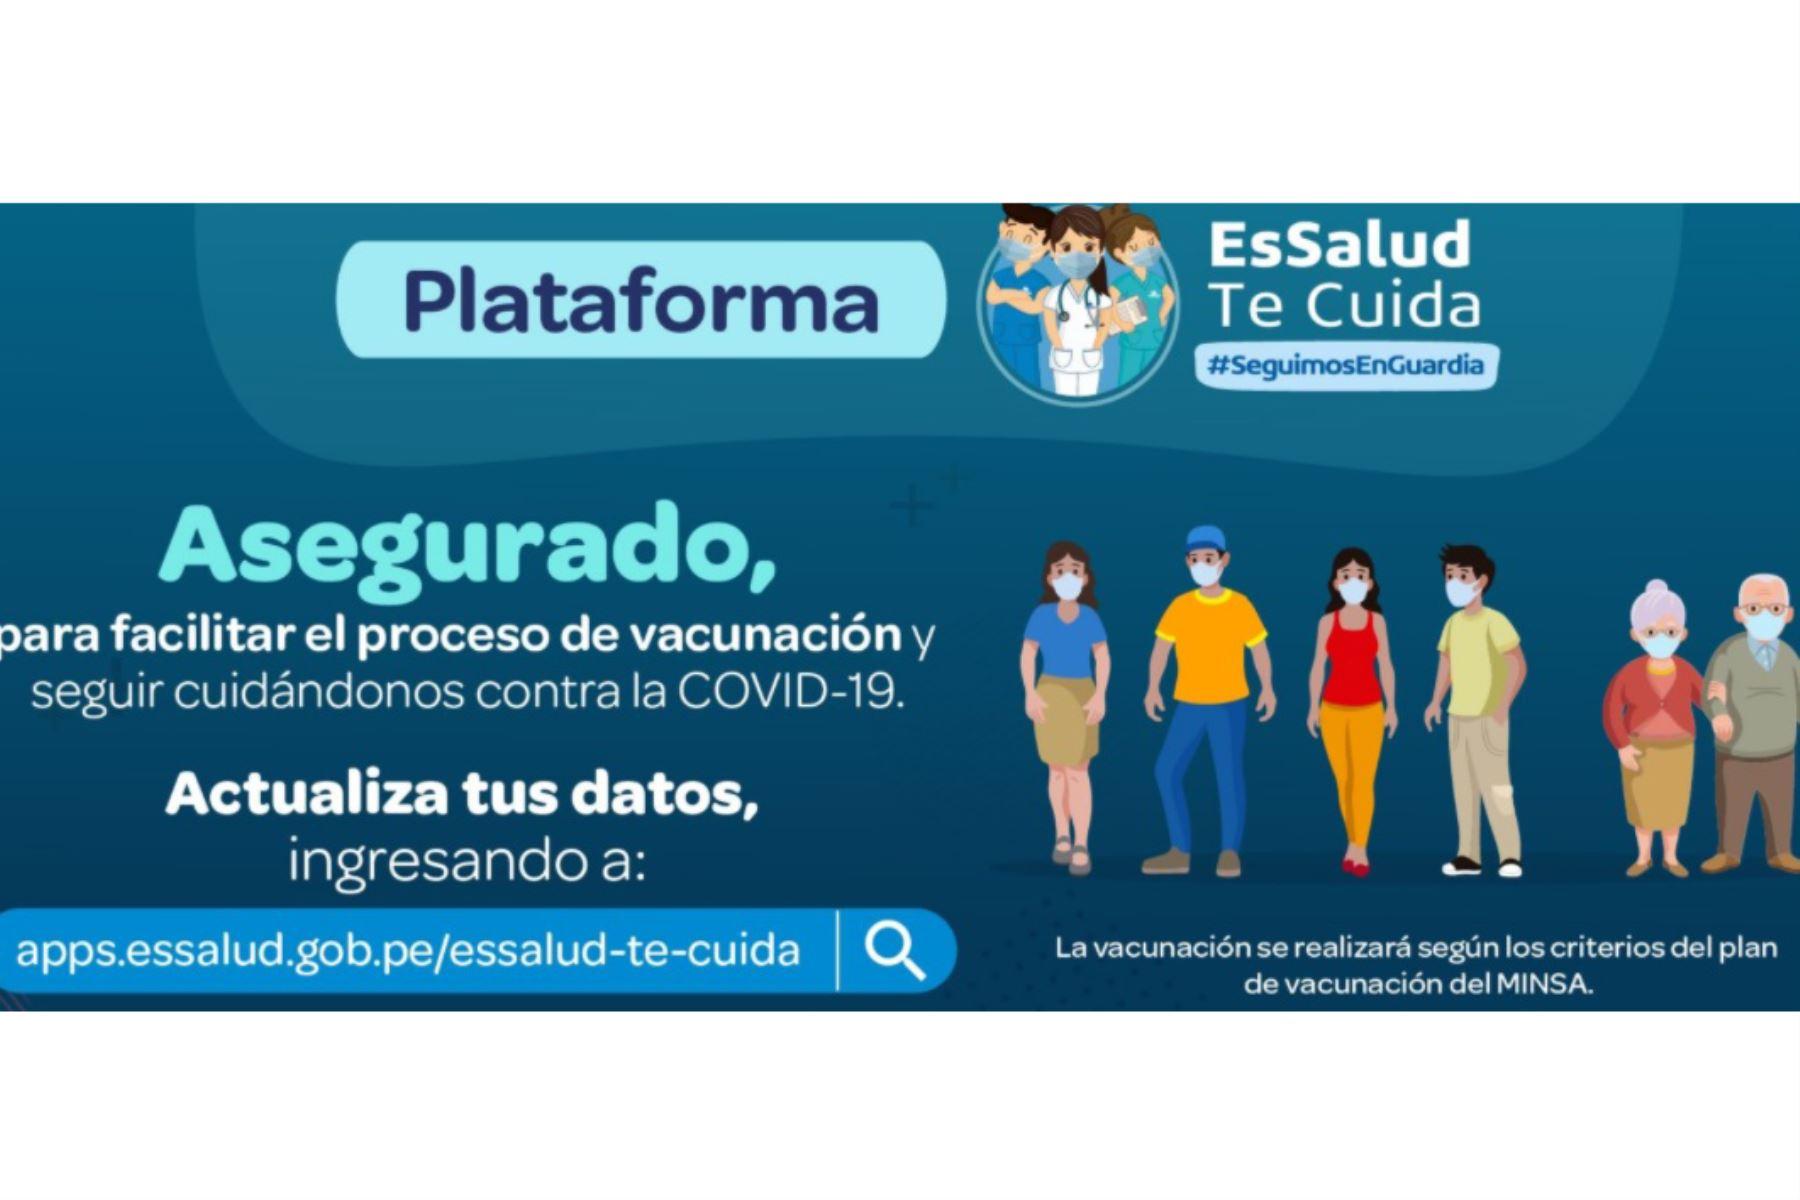 La plataforma EsSalud te cuida no puede ser utilizada por cualquier persona; solo está reservada para asegurados del Seguro Social. Foto: Captura TV